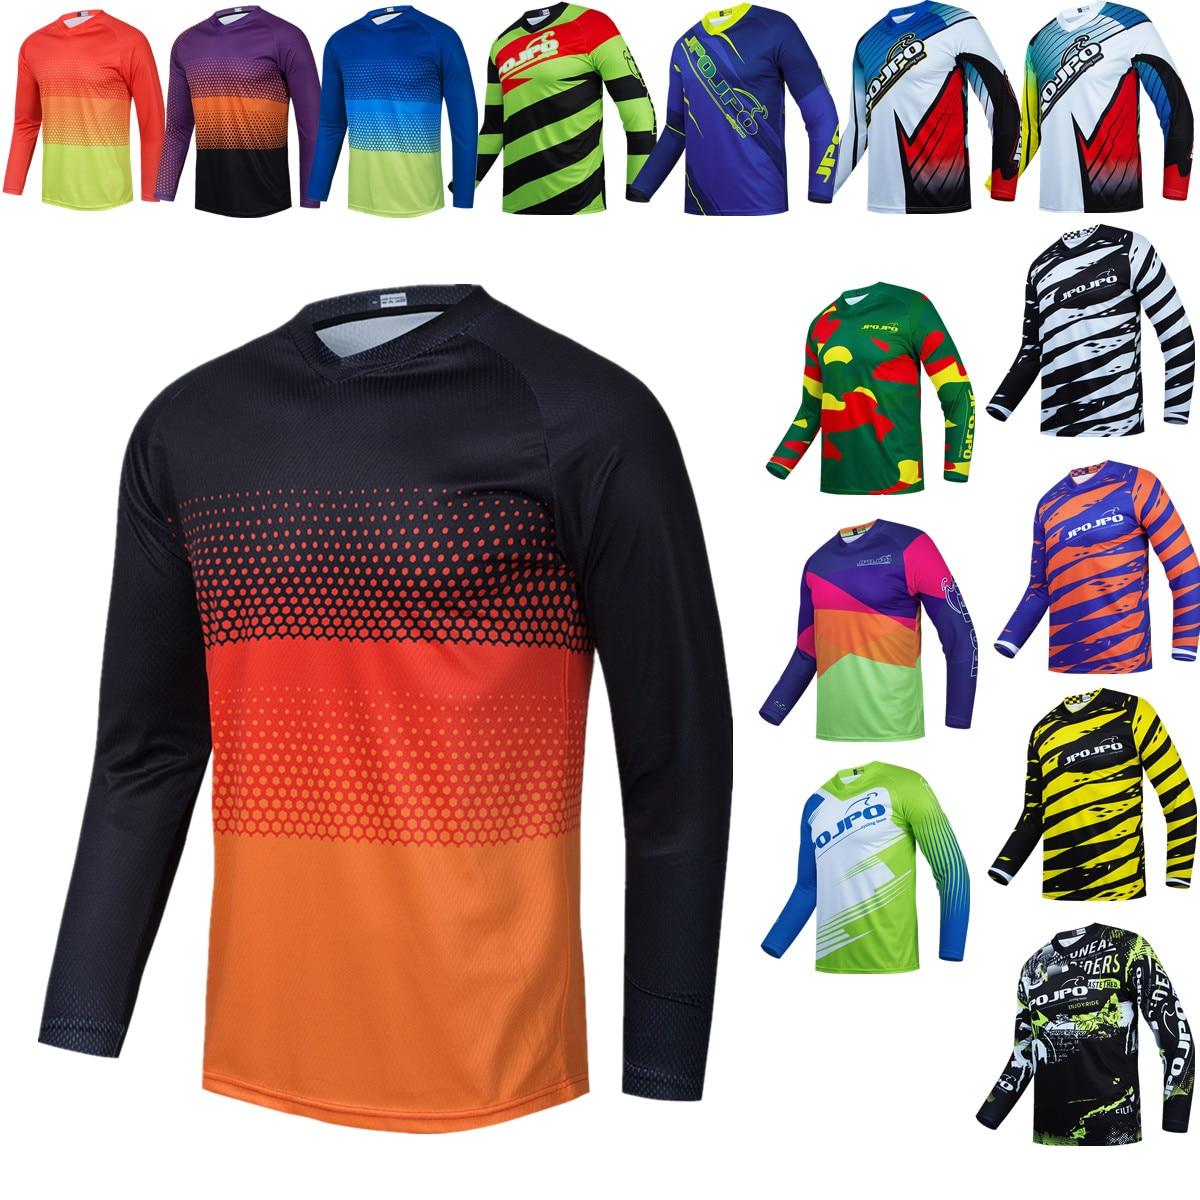 Camisa de Ciclismo dos Homens Roupas ao ar Equitação da Bicicleta Equipe Ciclismo Livre Mtb Mangas Compridas Downhill Jaquetas 2022 Jpo